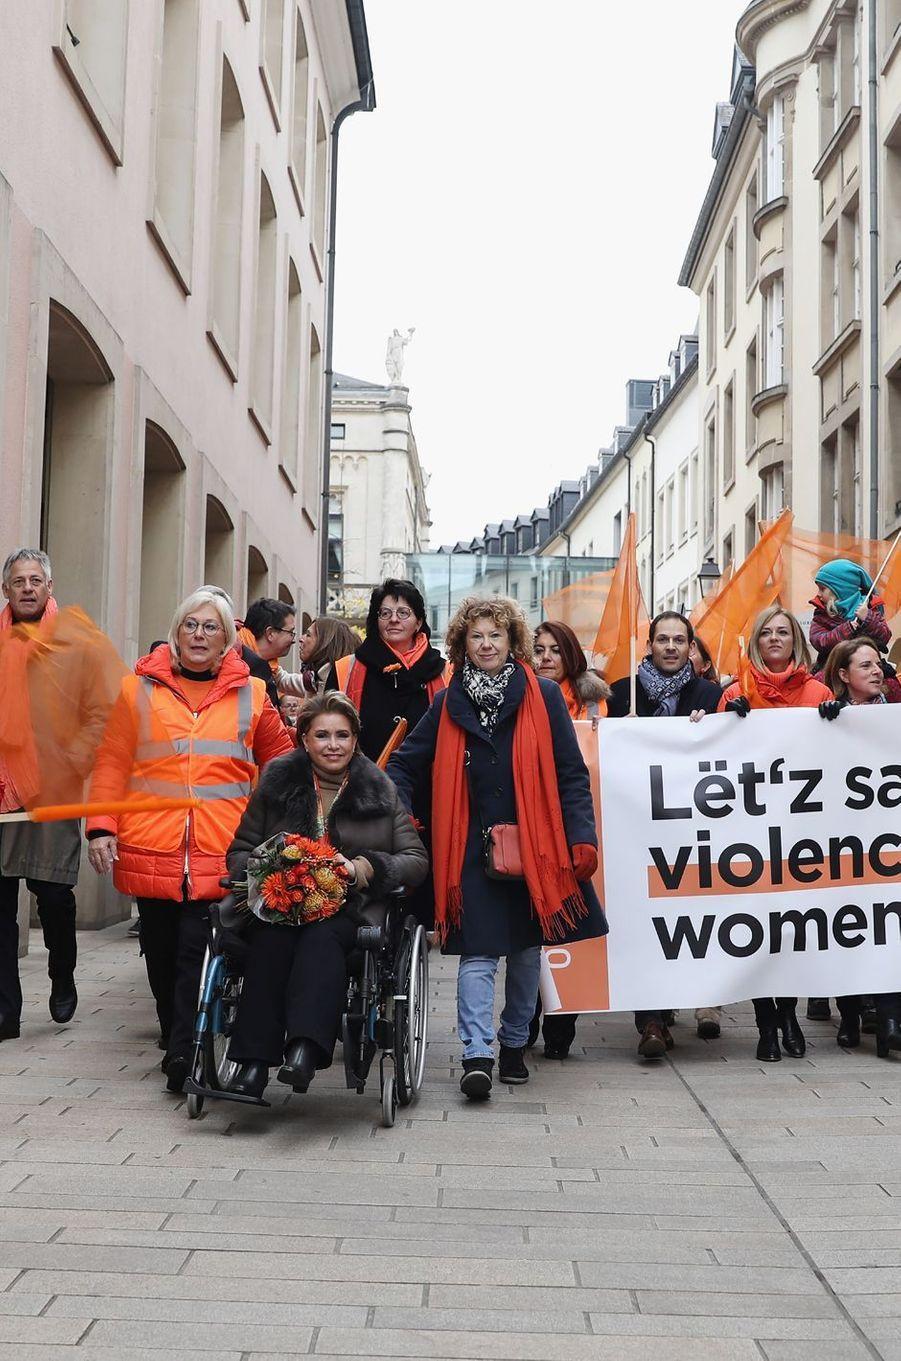 La grande-duchesse Maria Teresa de Luxembourg à la marche de solidarité contre les violences faites aux femmes à Luxembourg, le 23 novembre 2019